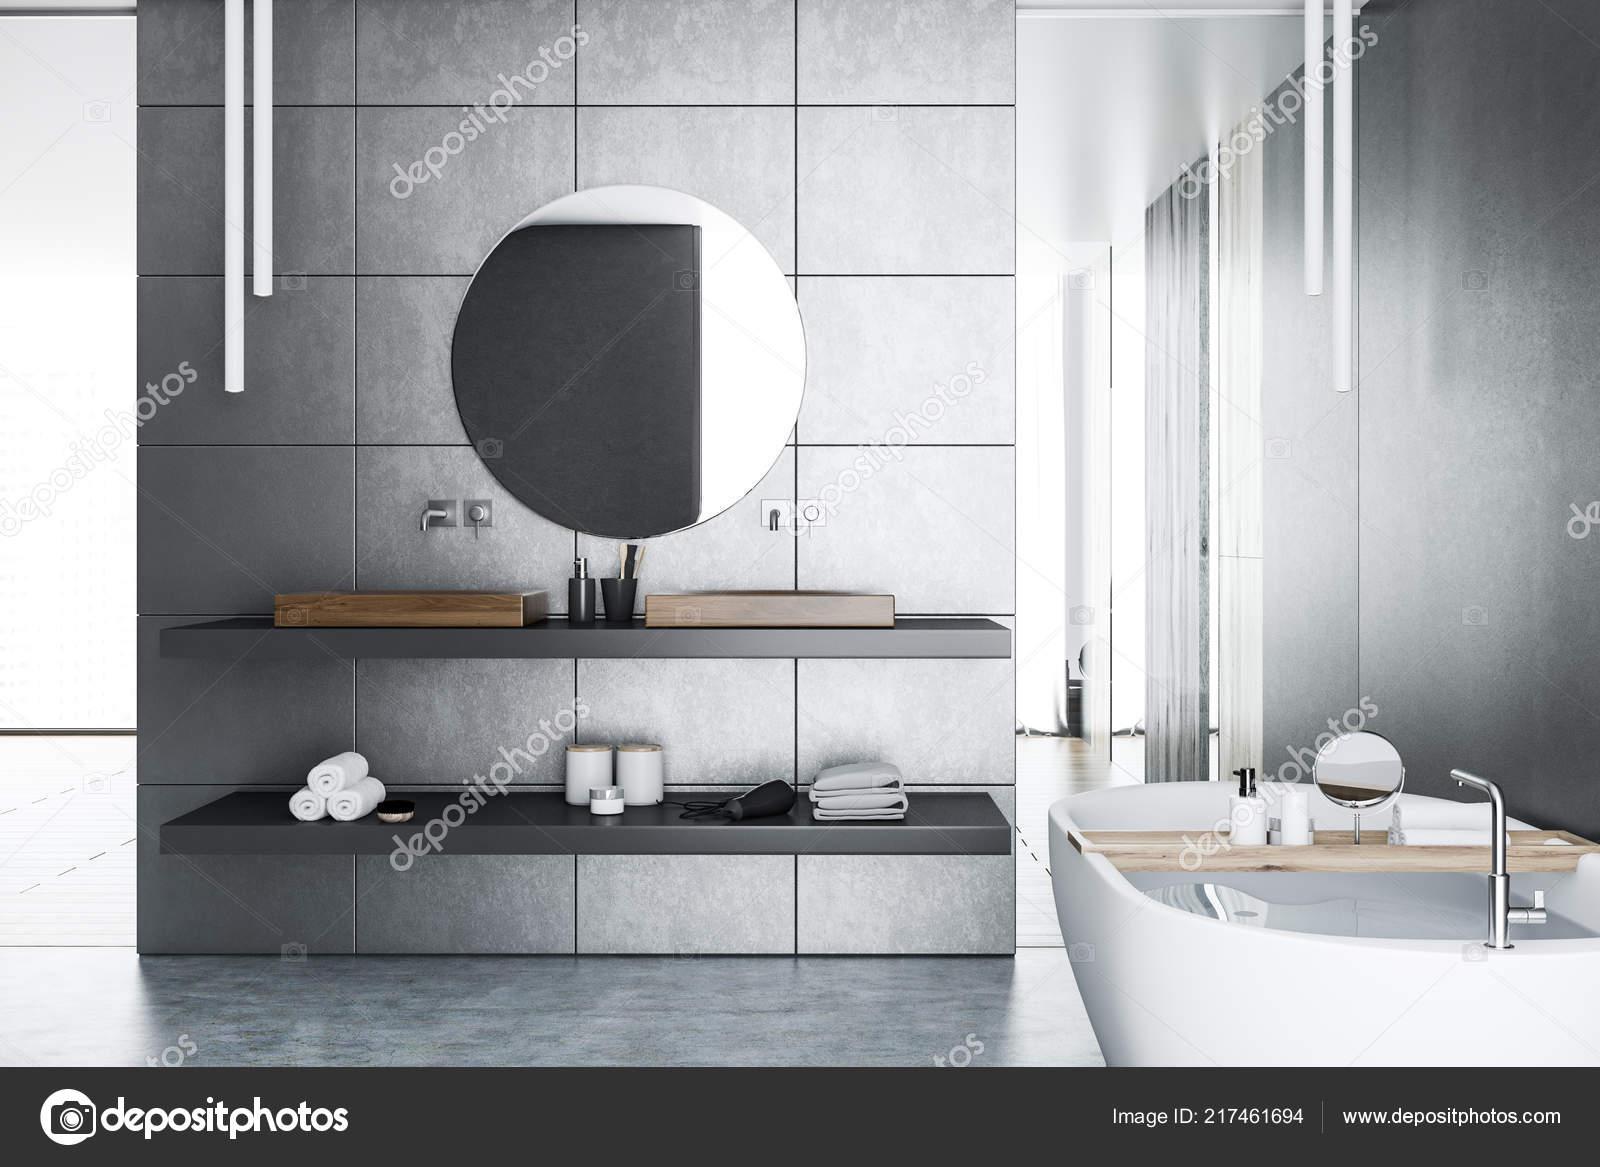 Interieur De La Salle Bain Luxueuse Avec Gris Carrelage Murs Sol En Beton Fenetres Panoramiques Blanc Baignoire Et Double Lavabo Un Miroir Rond